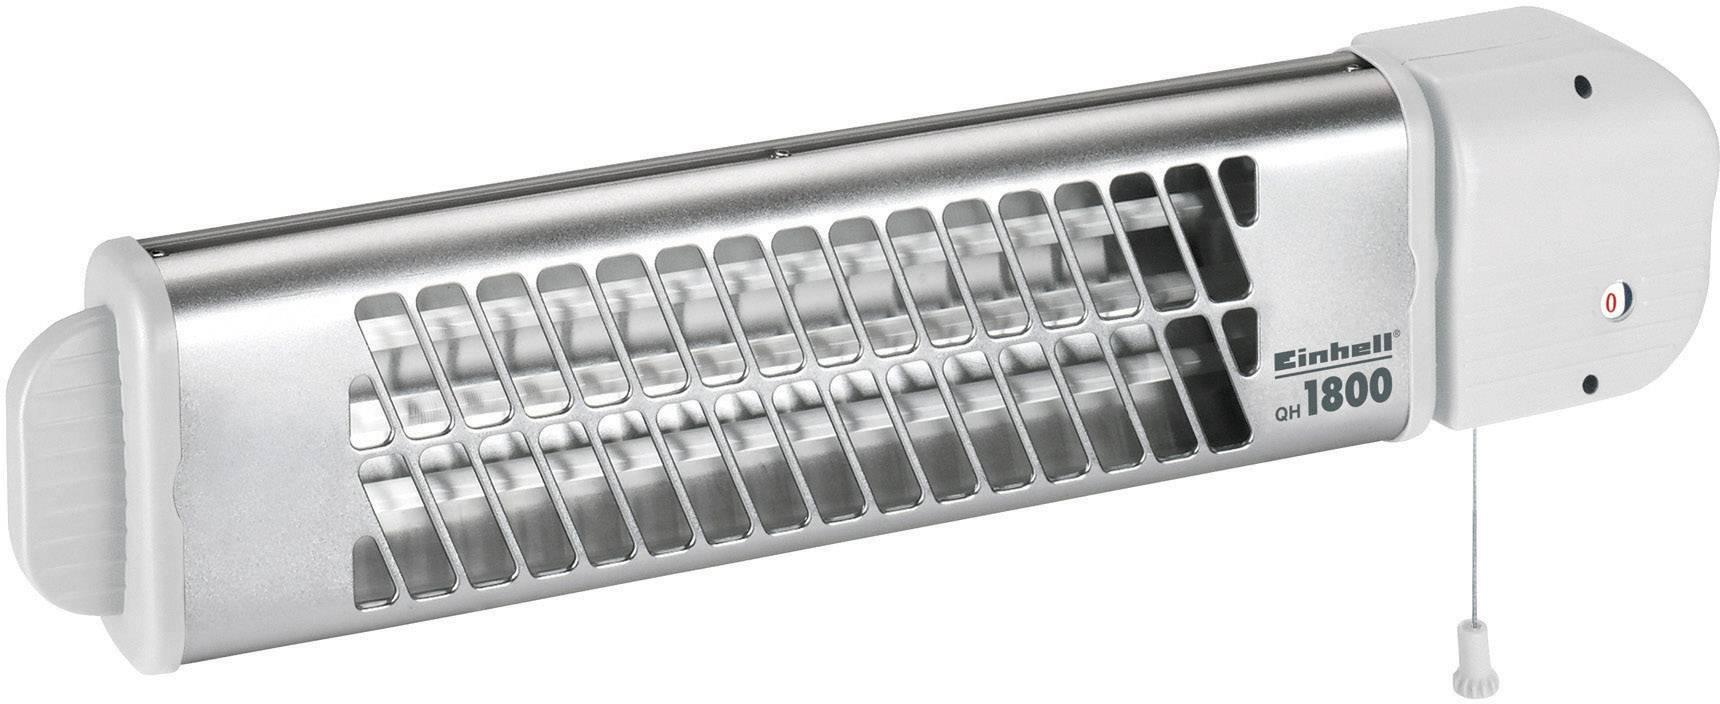 Křemenný infračevený zářič Einhell QH 1800 2338511, 600 W, 1200 W, 1800 W, bílá, stříbrná